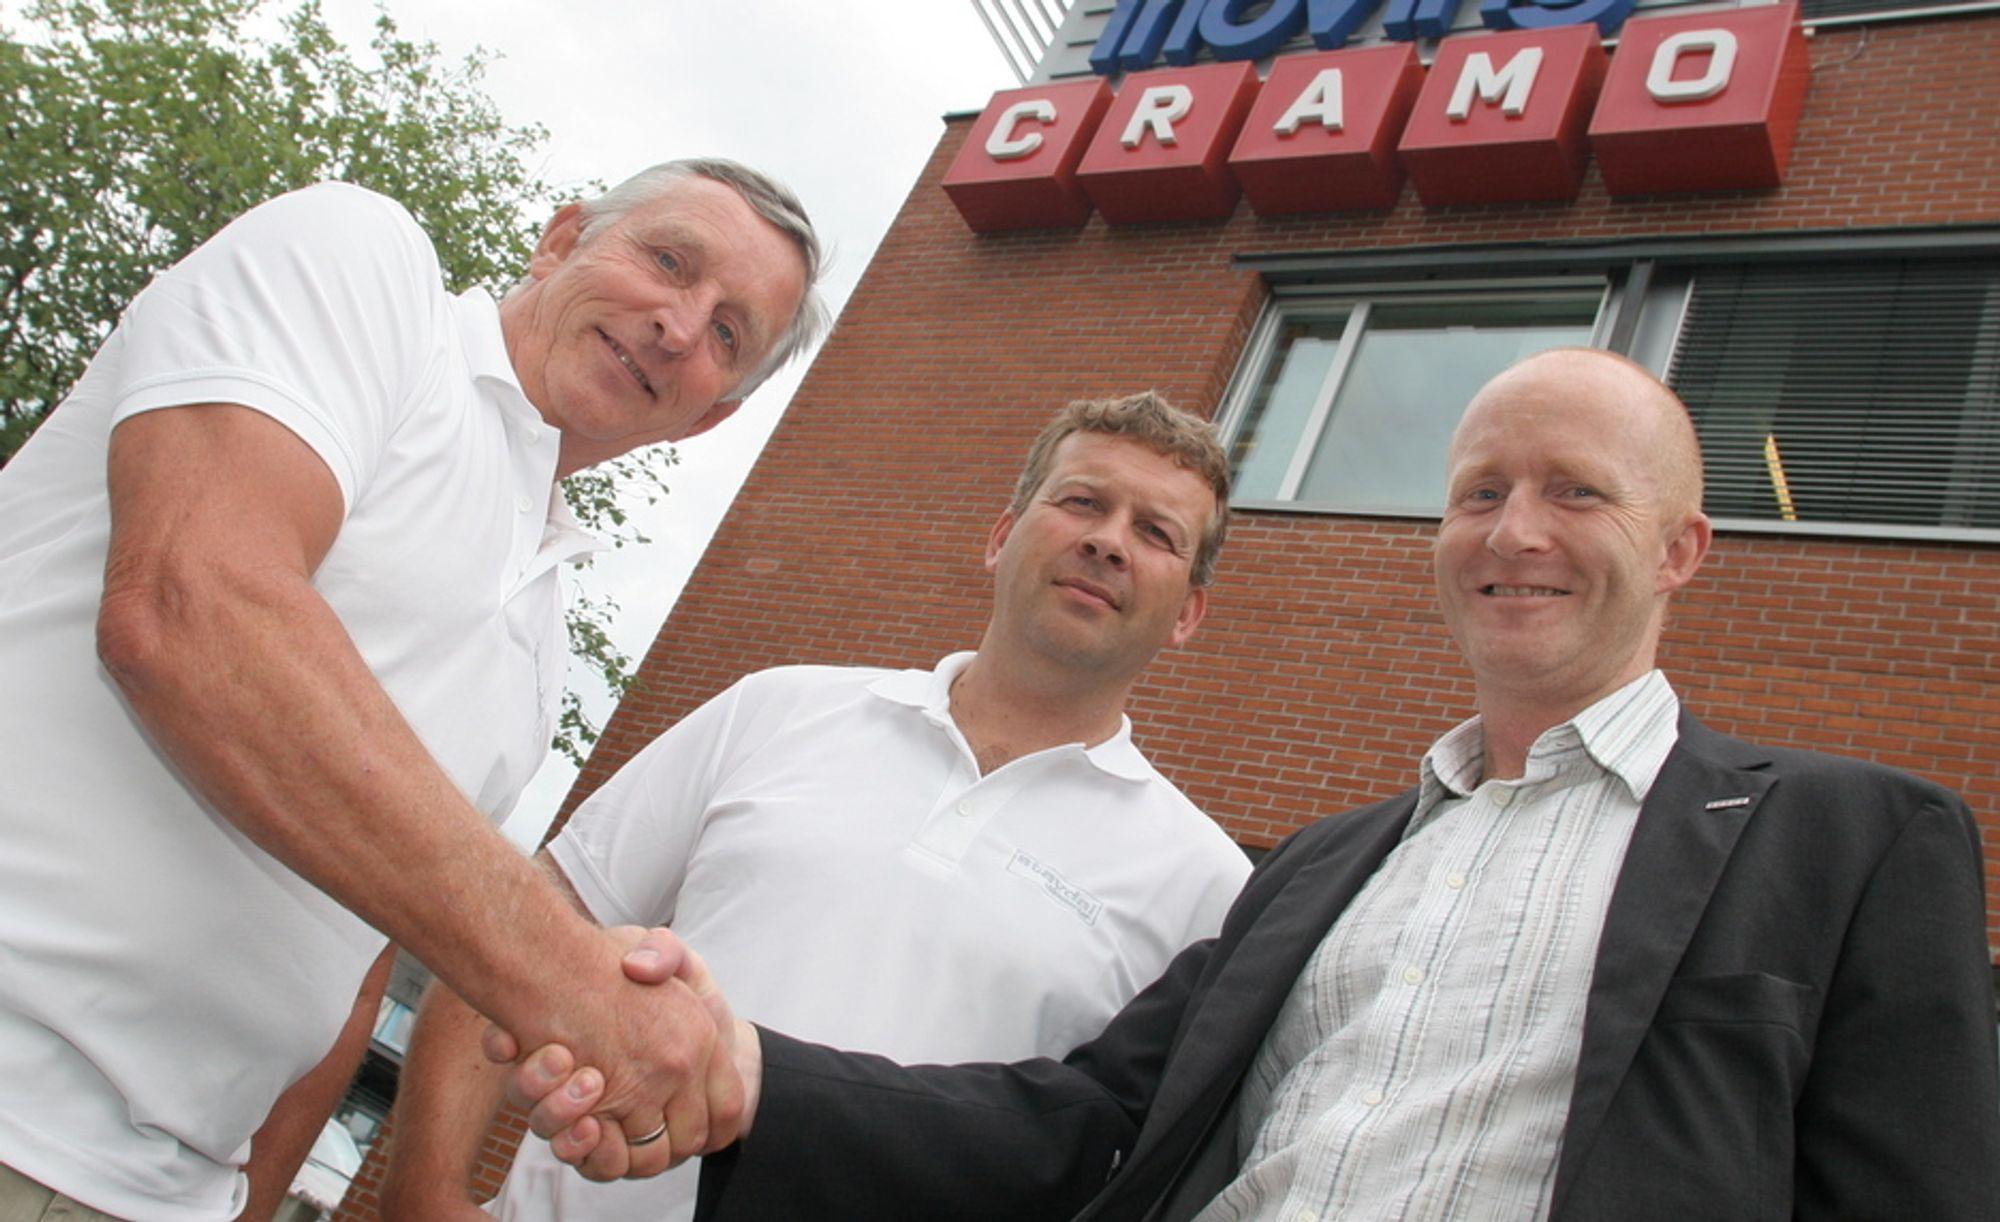 Cramo AS overtar alle aksjene i utleieselskapet Stavdal utleiesenter AS. Fra venstre: Styreformann Leif Stavdal,  daglig leder Knut Onstad og administrerende direktør i Cramo AS, Finn Løkken.